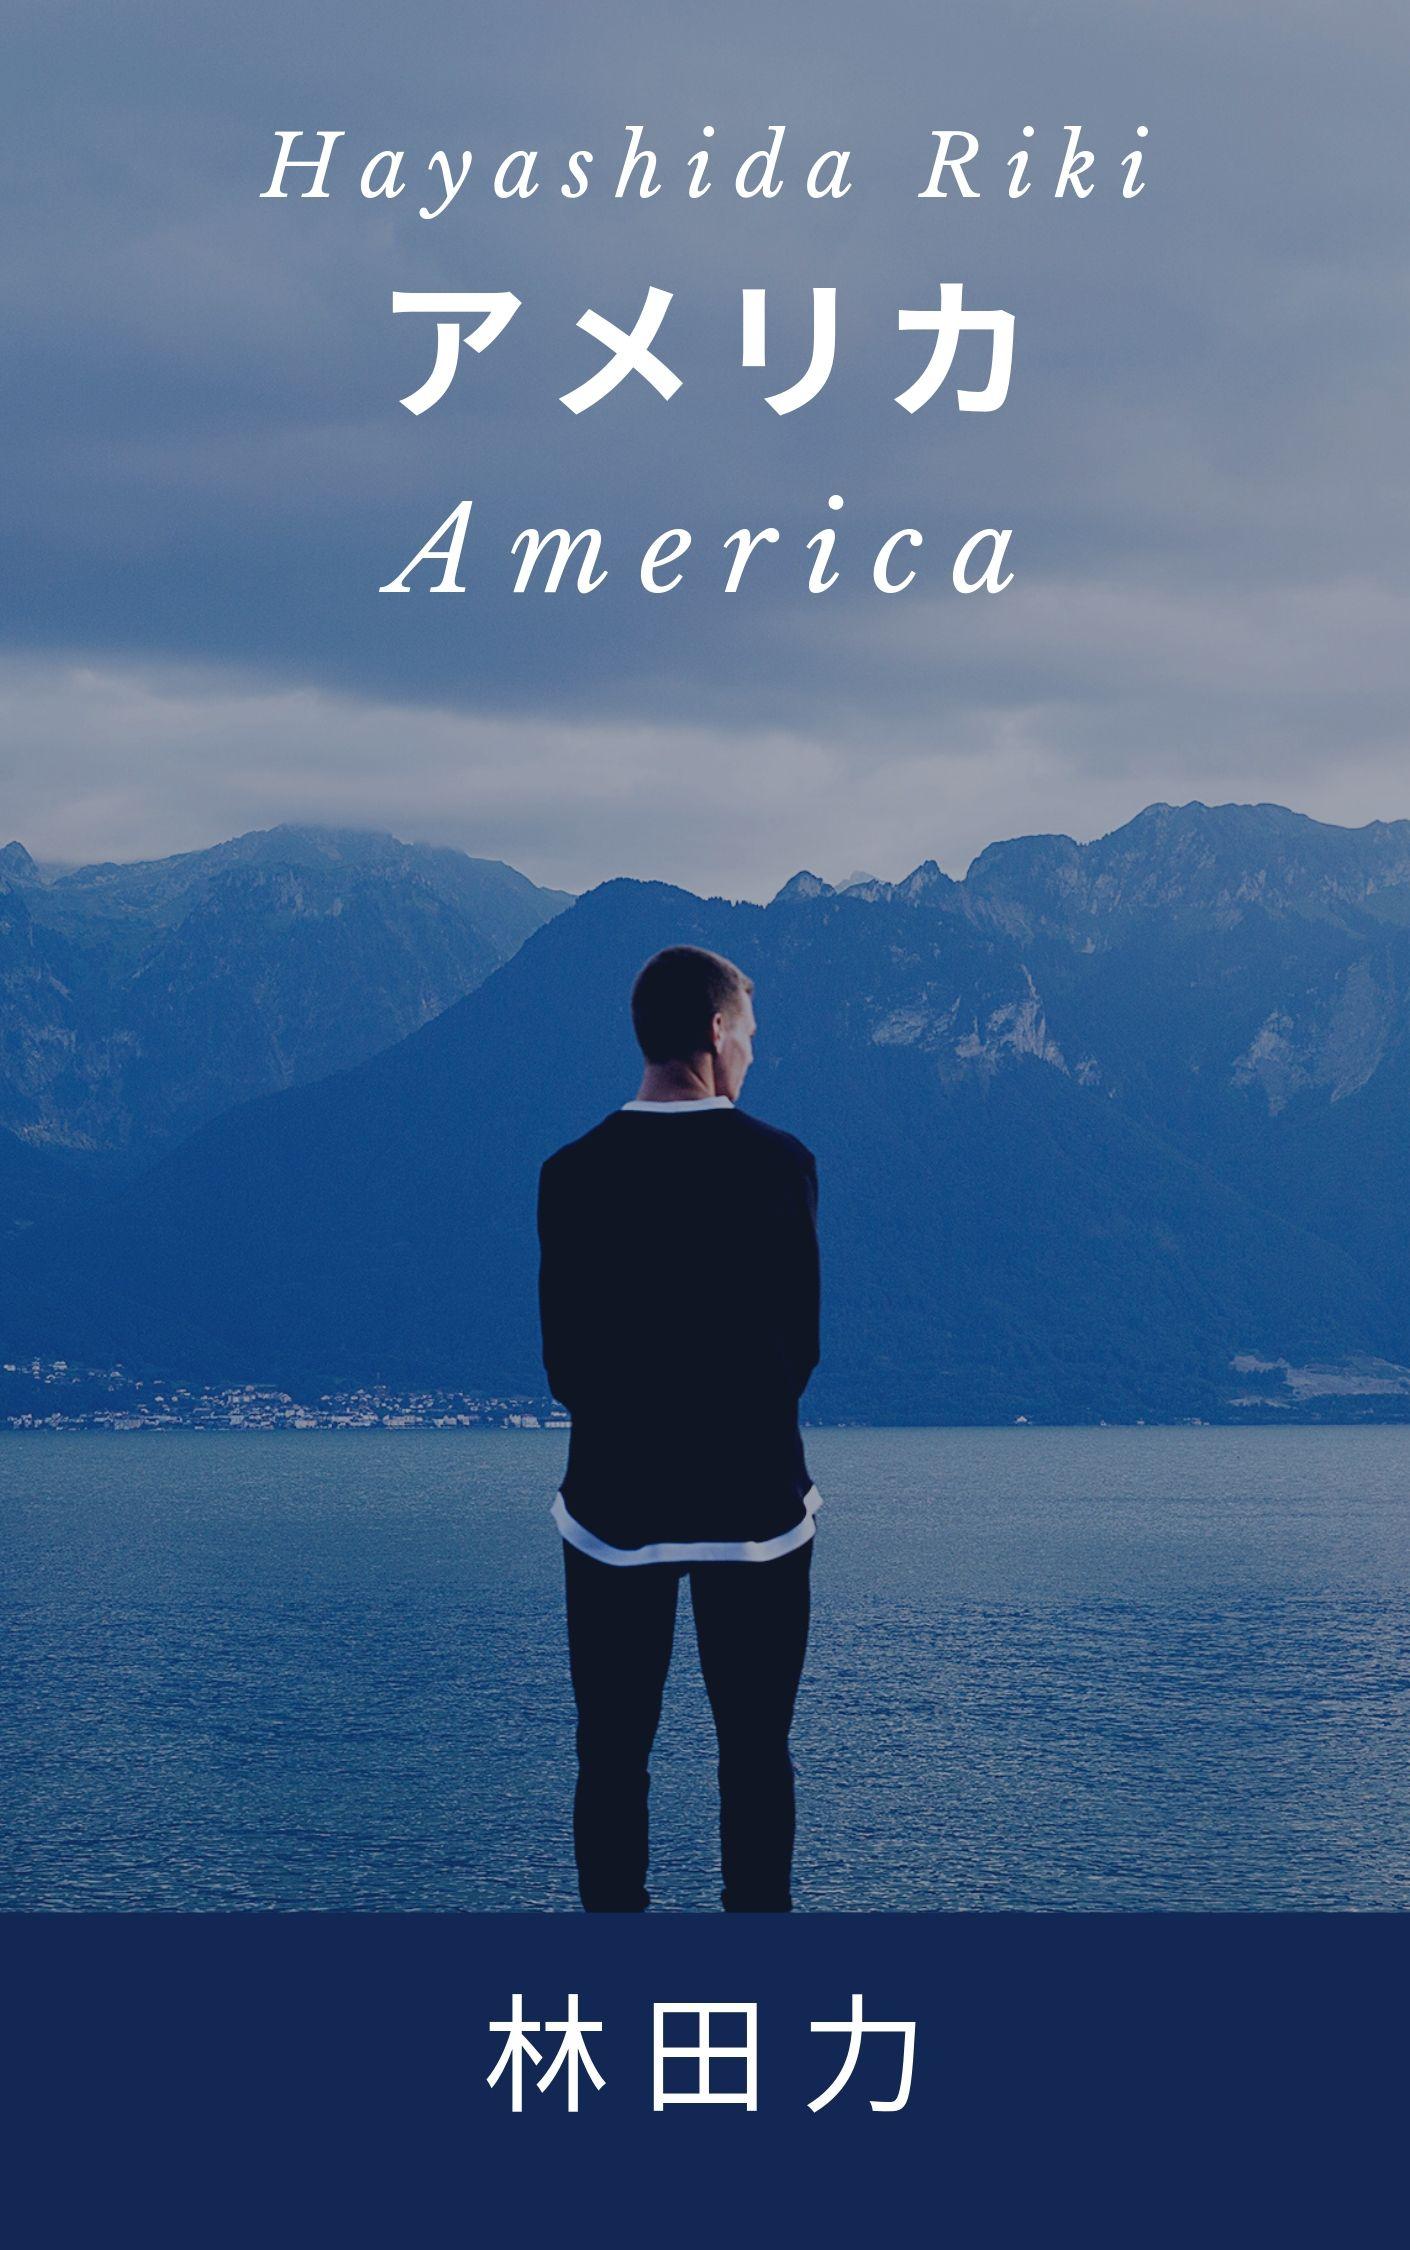 林田力『アメリカ』